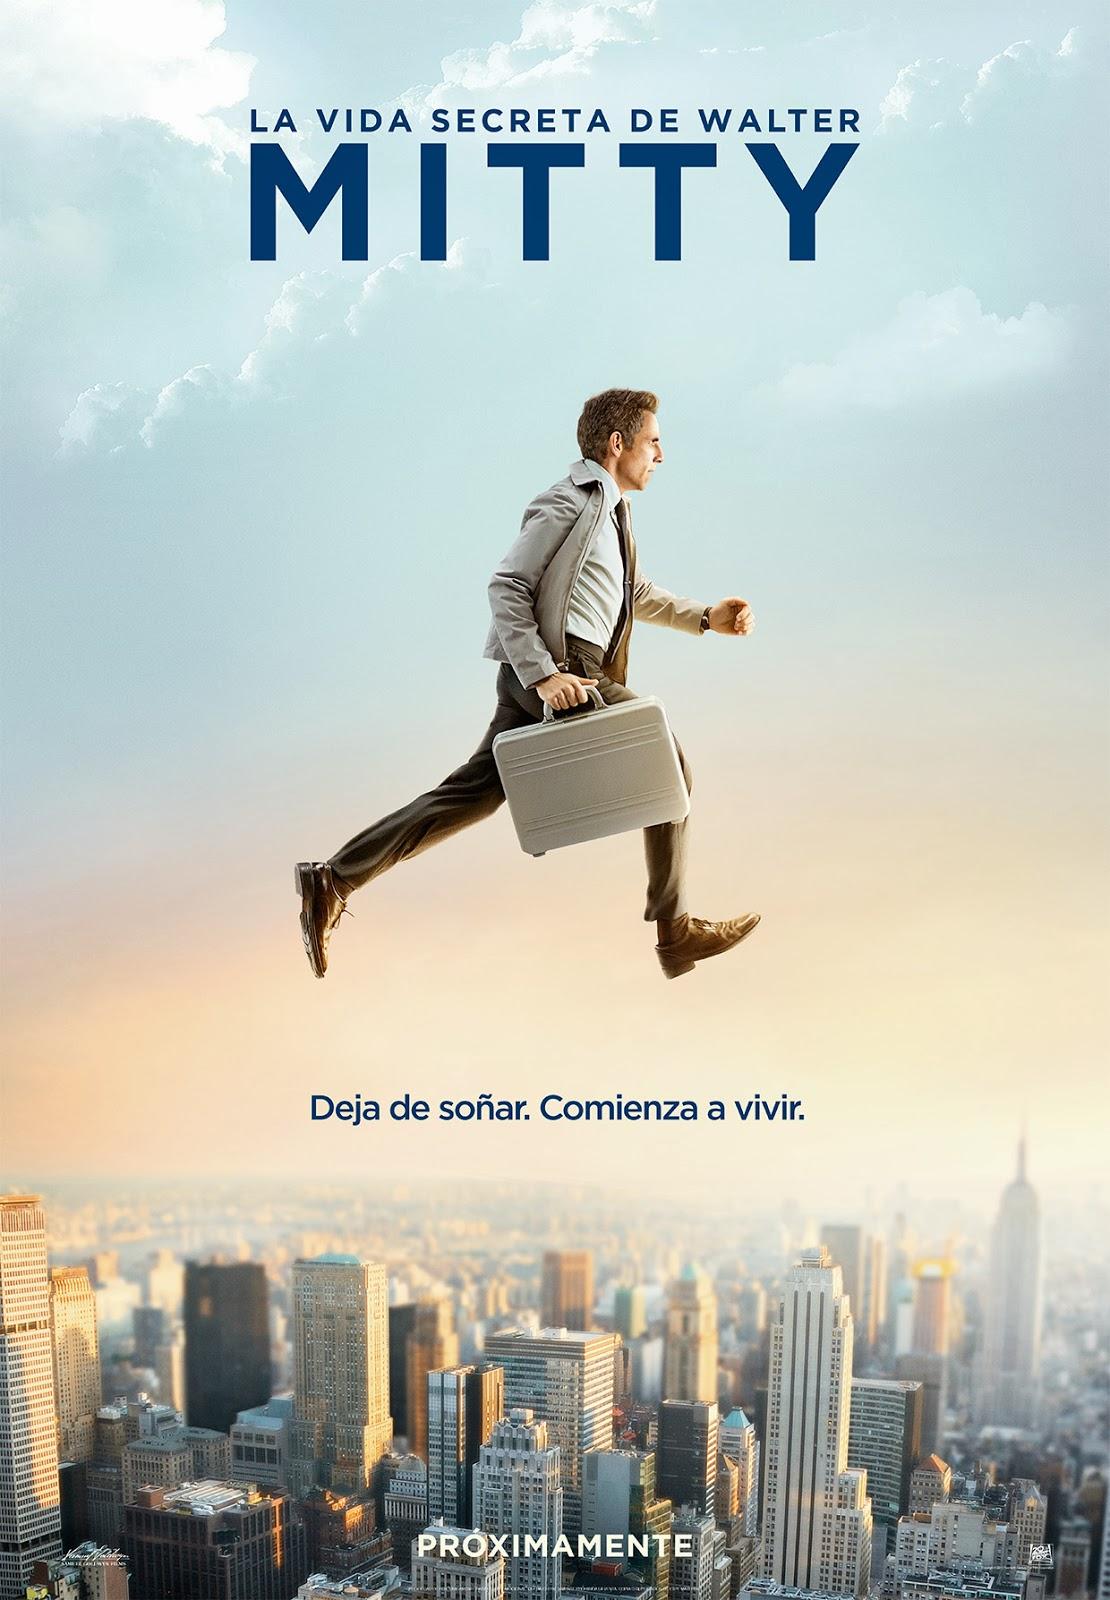 La Vida Secreta De Walter Mitty (La Increíble Vida de Walter Mitty) (2013)